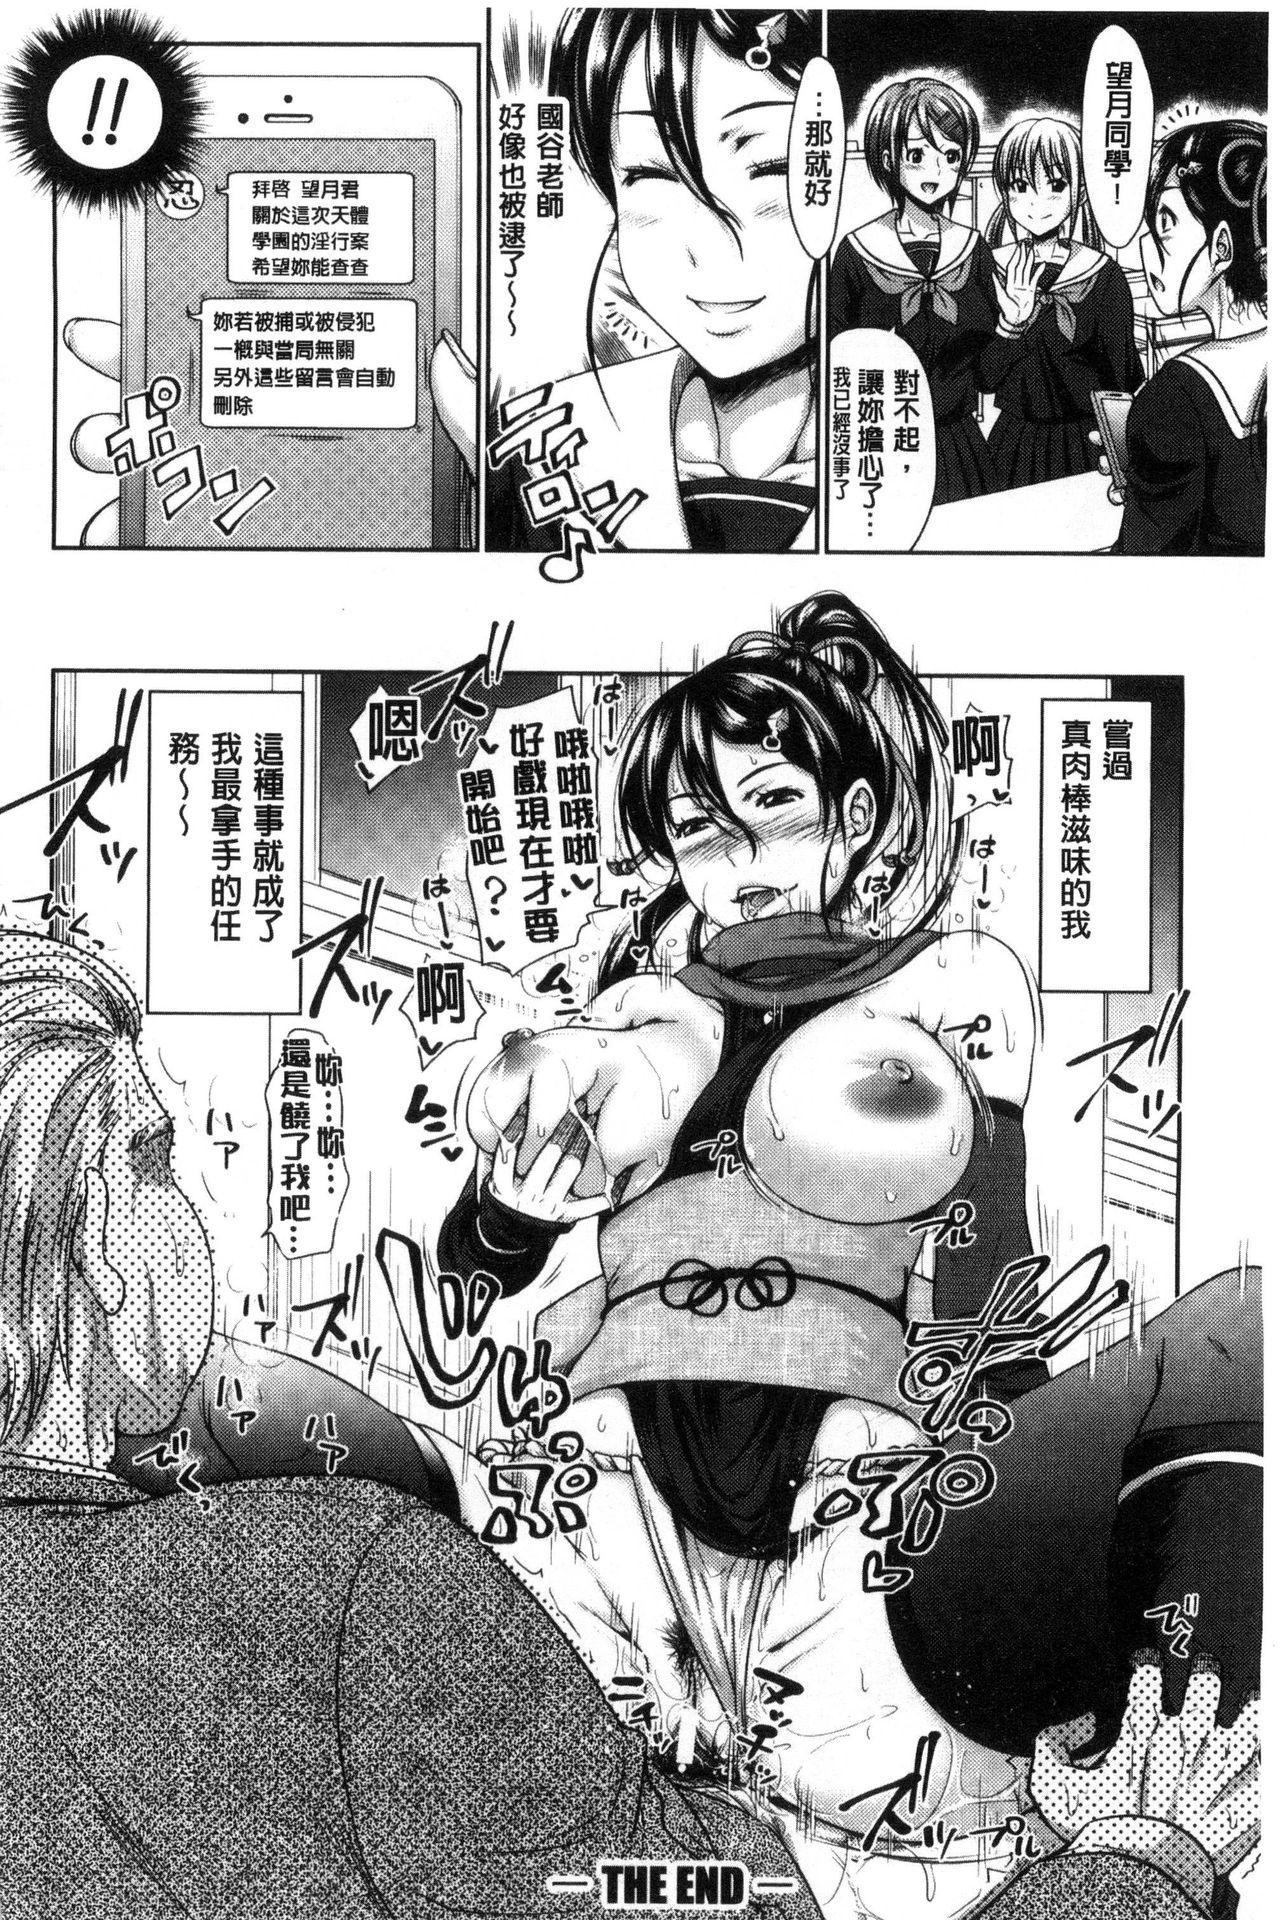 [Takuwan] Sanshimai Show Time -Moshi Ore ga 10-nen mae no Sugata de Seishun Yarinaosetara- | 三姉妹ShowTime -如果我以10年前的模樣青春再玩一次的話- [Chinese] 207